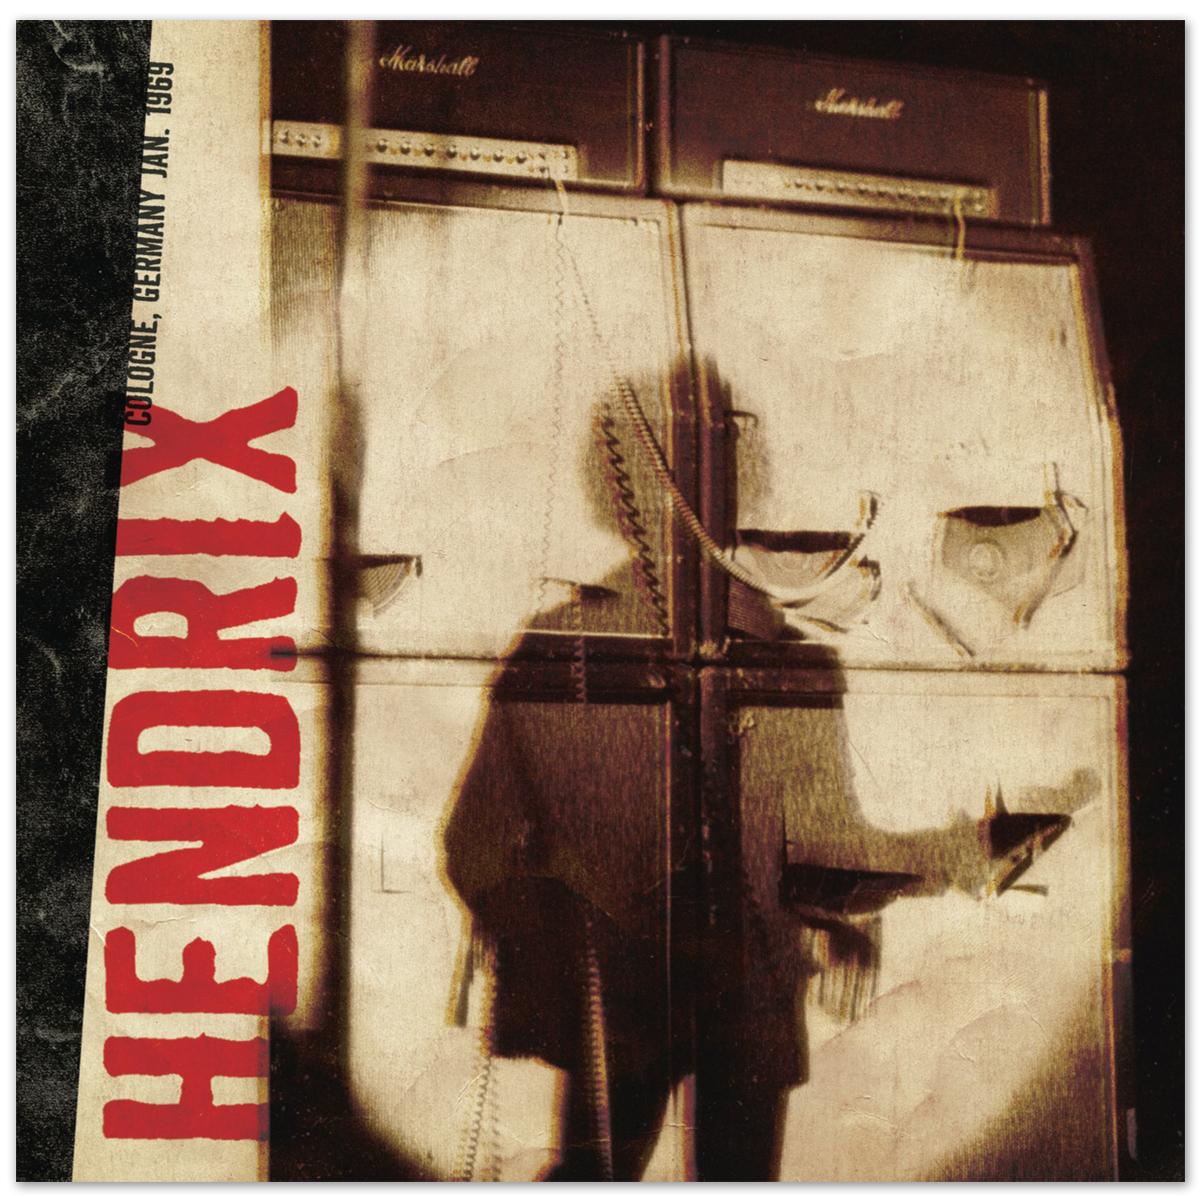 Jimi Hendrix Live at Cologne DAGGER RECORDS CD